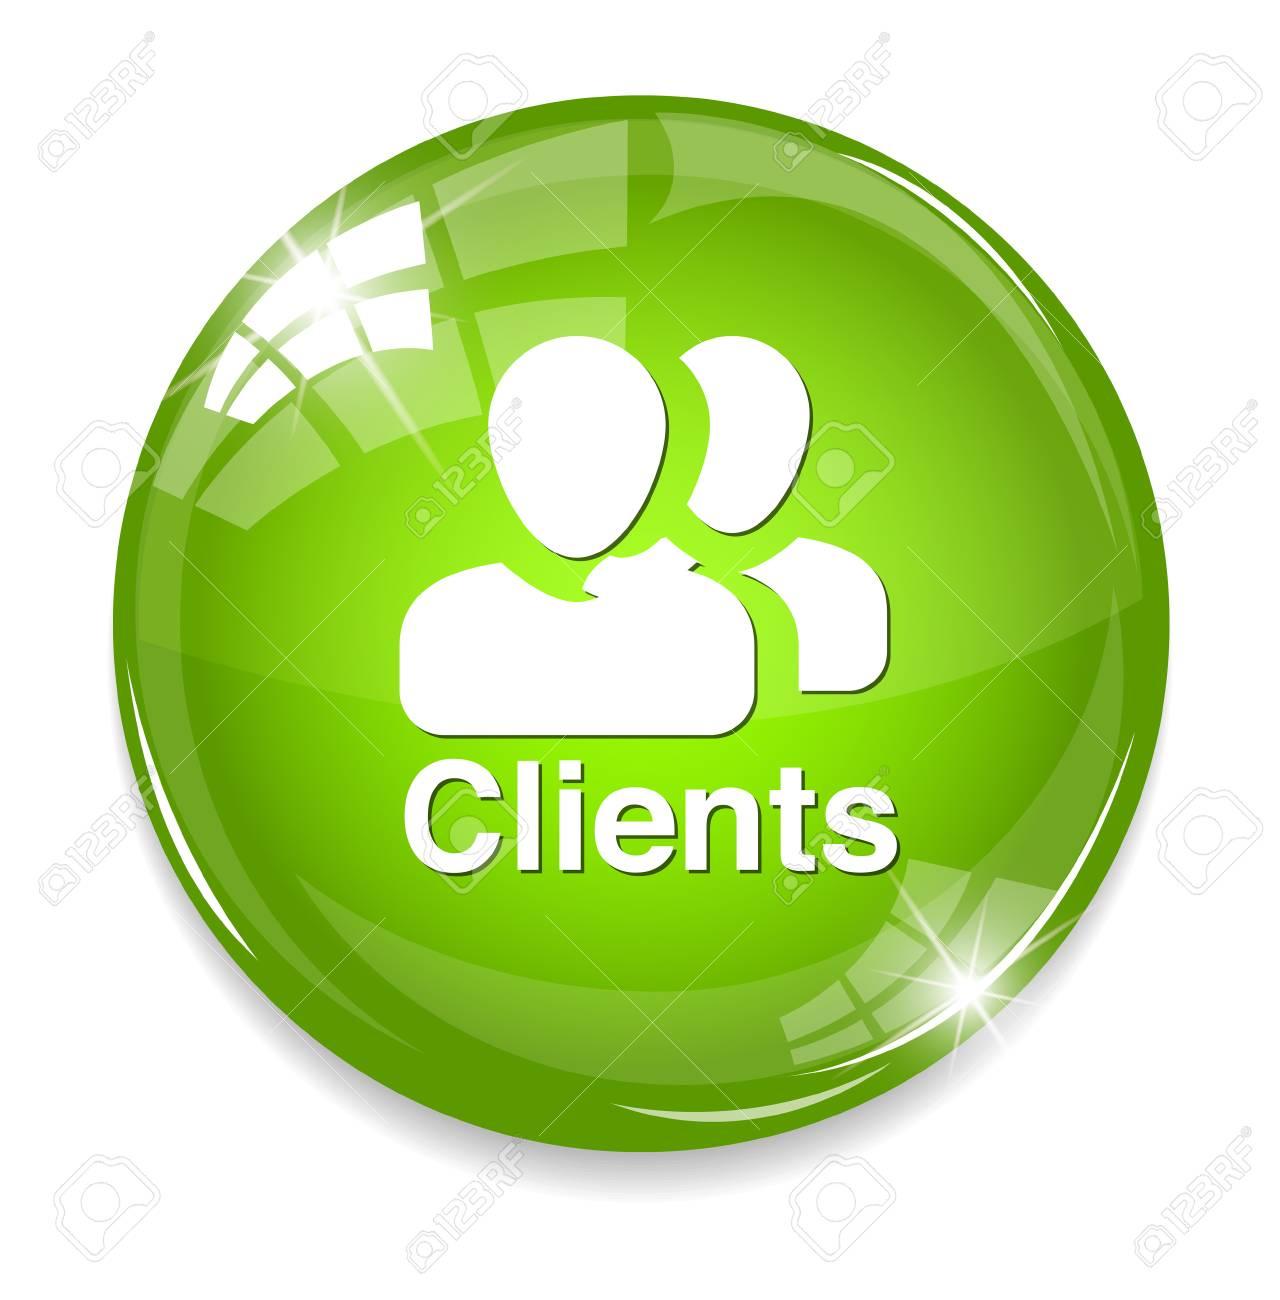 clients vps rdp cheap rdp